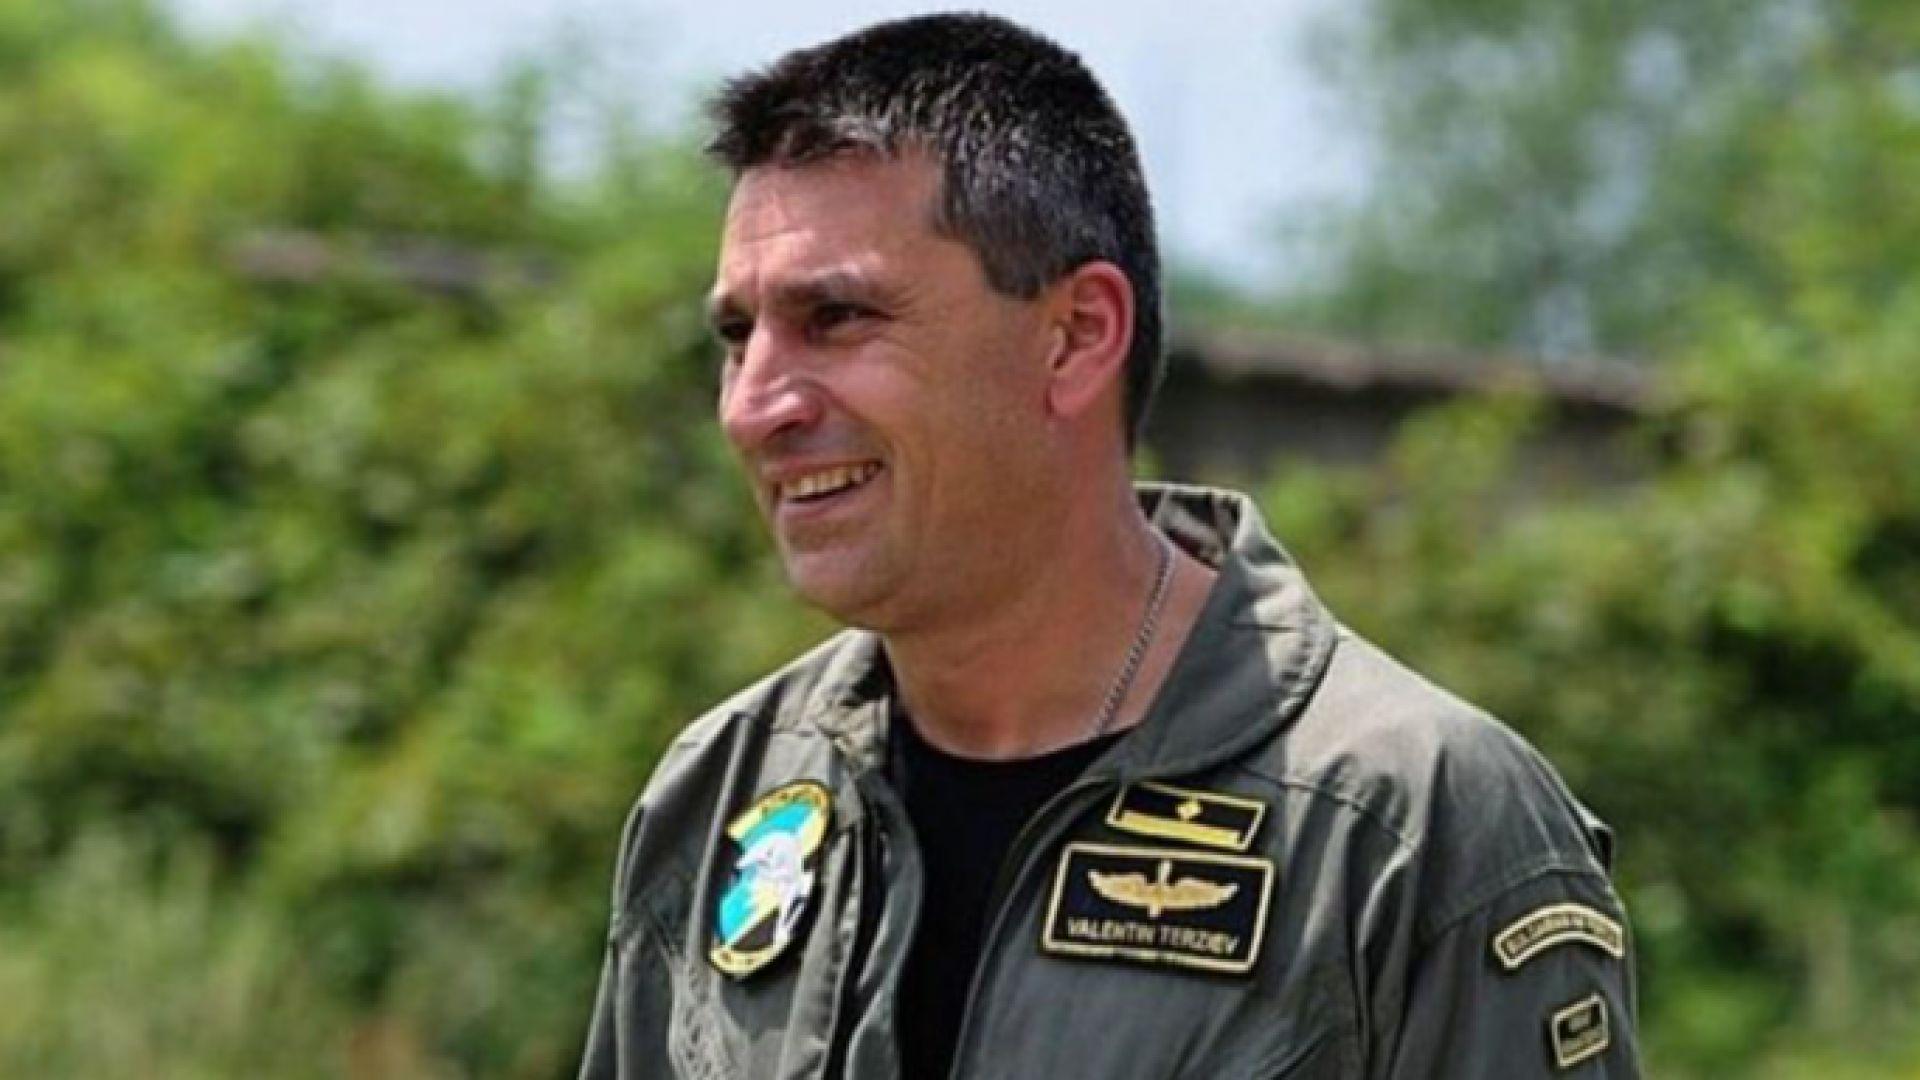 Военният министър призна, че мишената е падала по-бързо, а майор Терзиев можел да откаже задачата